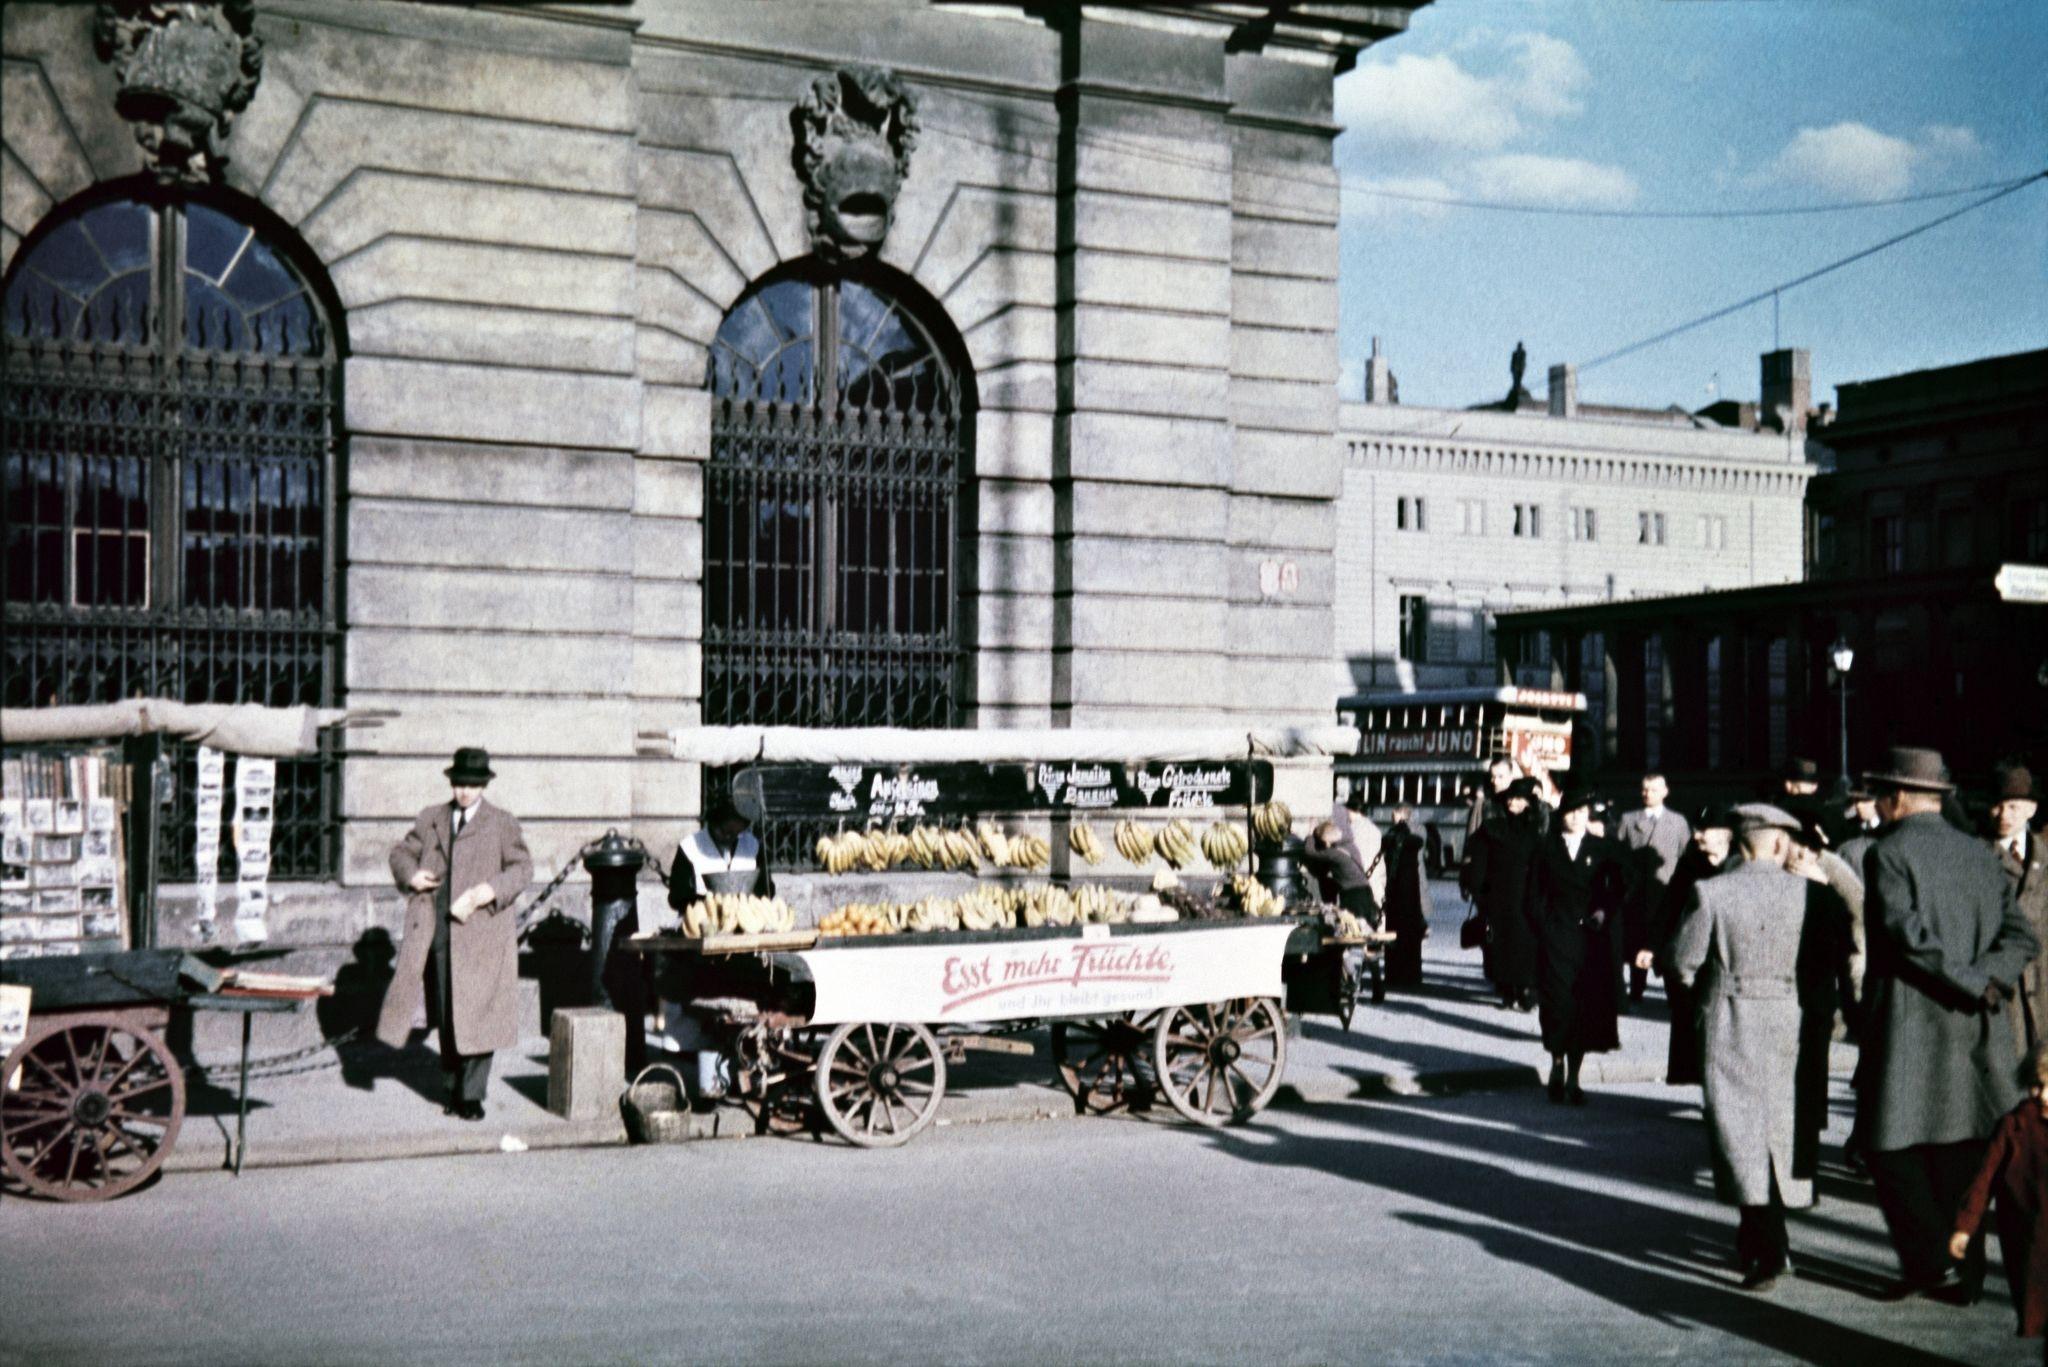 Уличный торговец продает бананы и другие фрукты рядом с Цейхгаузом на углу улиц Хинтер-дем-Гисхаус и Унтер-ден-Линден.jpg